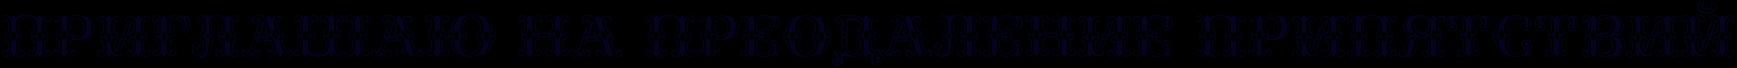 http://x-lines.ru/letters/i/cyrillicfancy/0108/040420/38/1/4nx7begoudej8wr54nepbkgo1dekhegouzejyegou9ekbwri4nxpbfgo1dejzwri4nq7bggo1wopb86owdejtwr94nz7besow8ekfwr14ncpbge.png